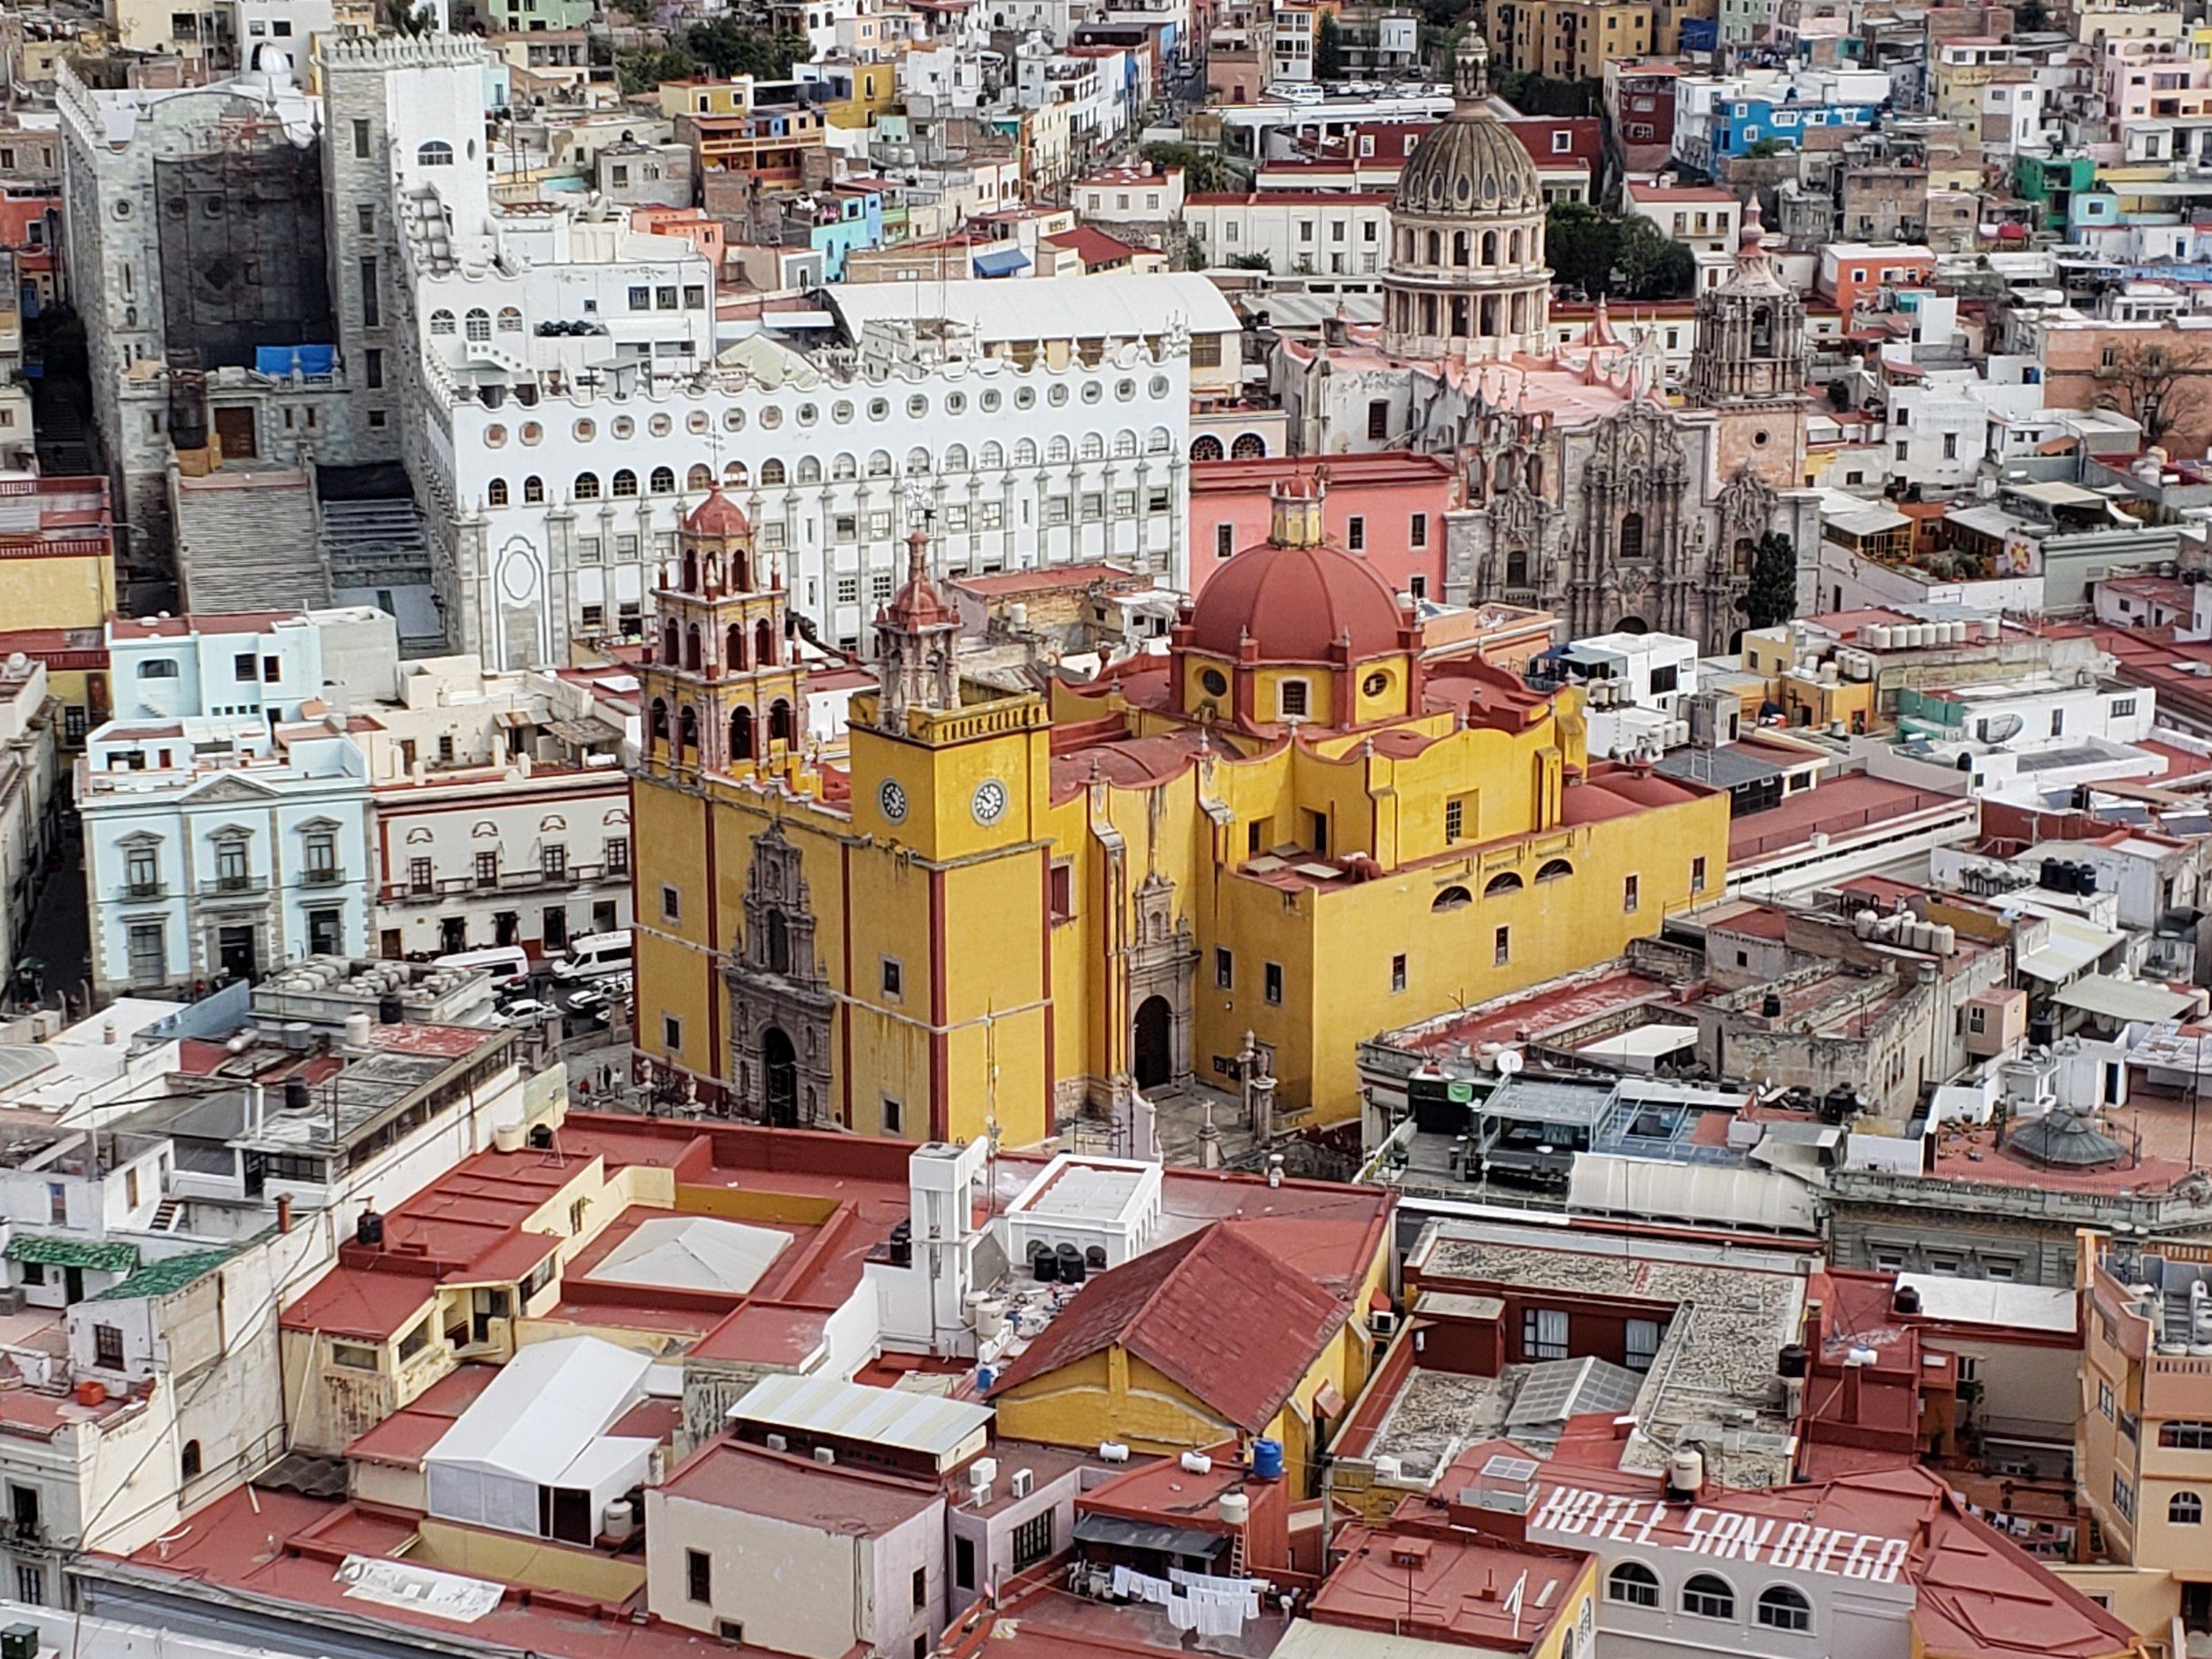 Overlooking Guanajuato